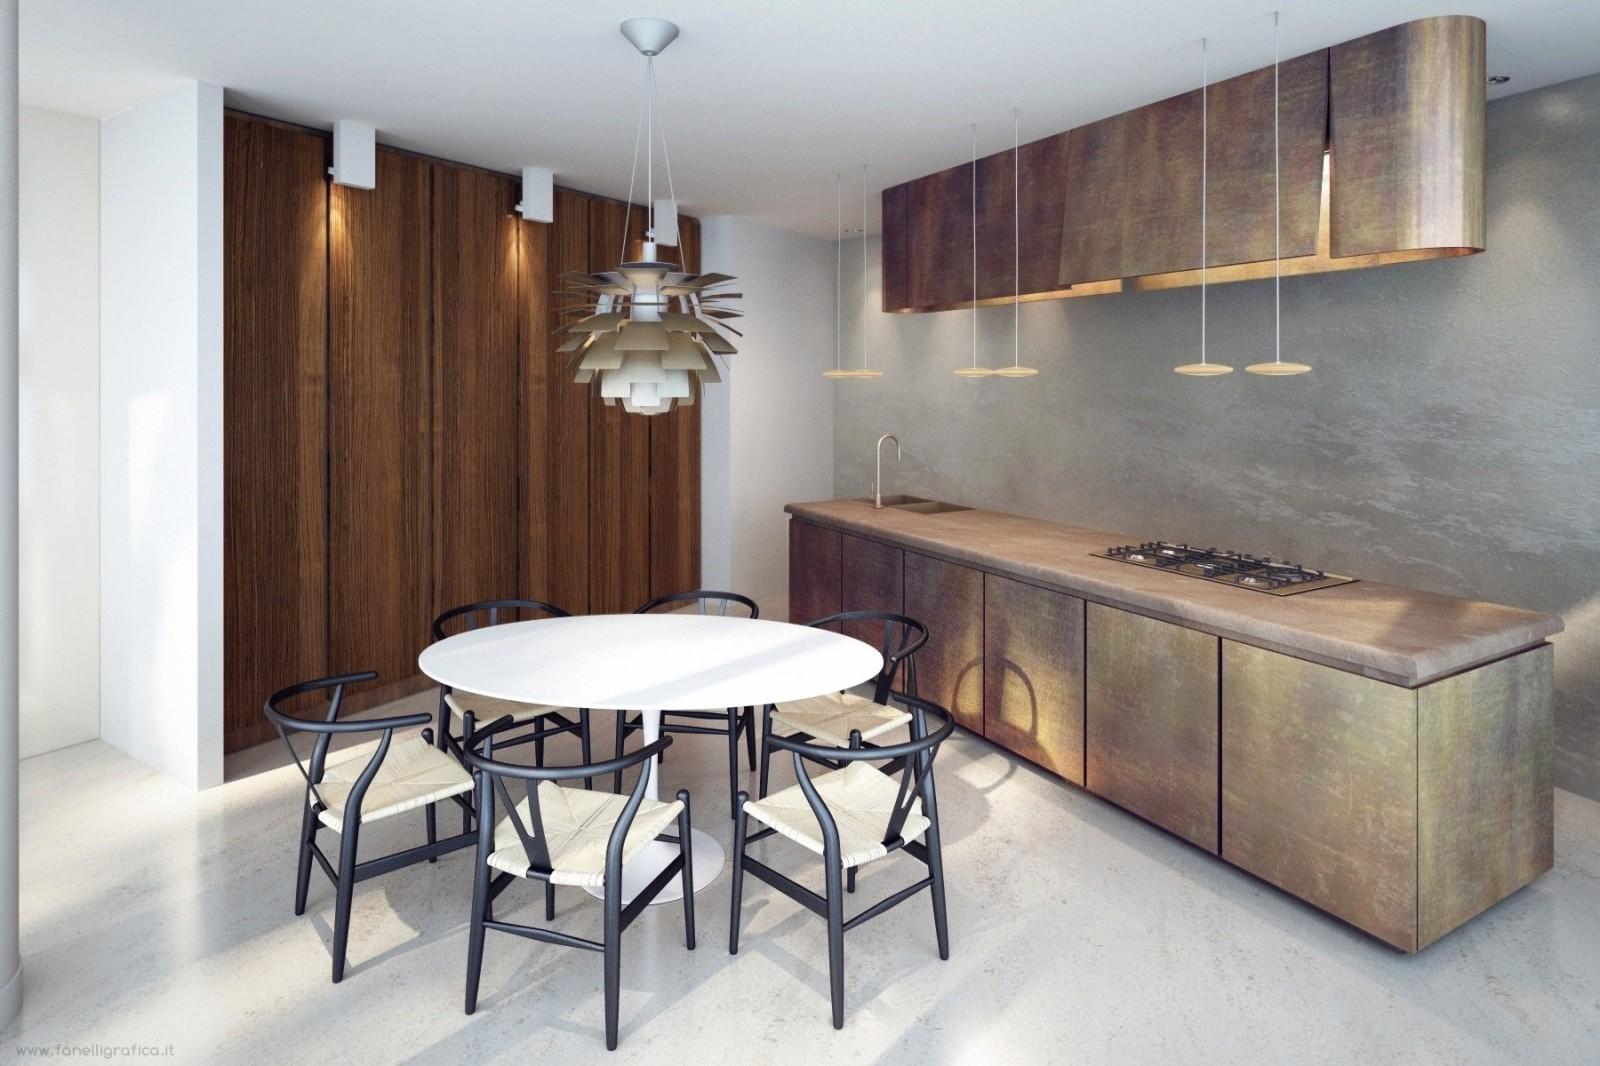 Catalogo mobili | Cucine | Mobilificio Lazzaro Biella